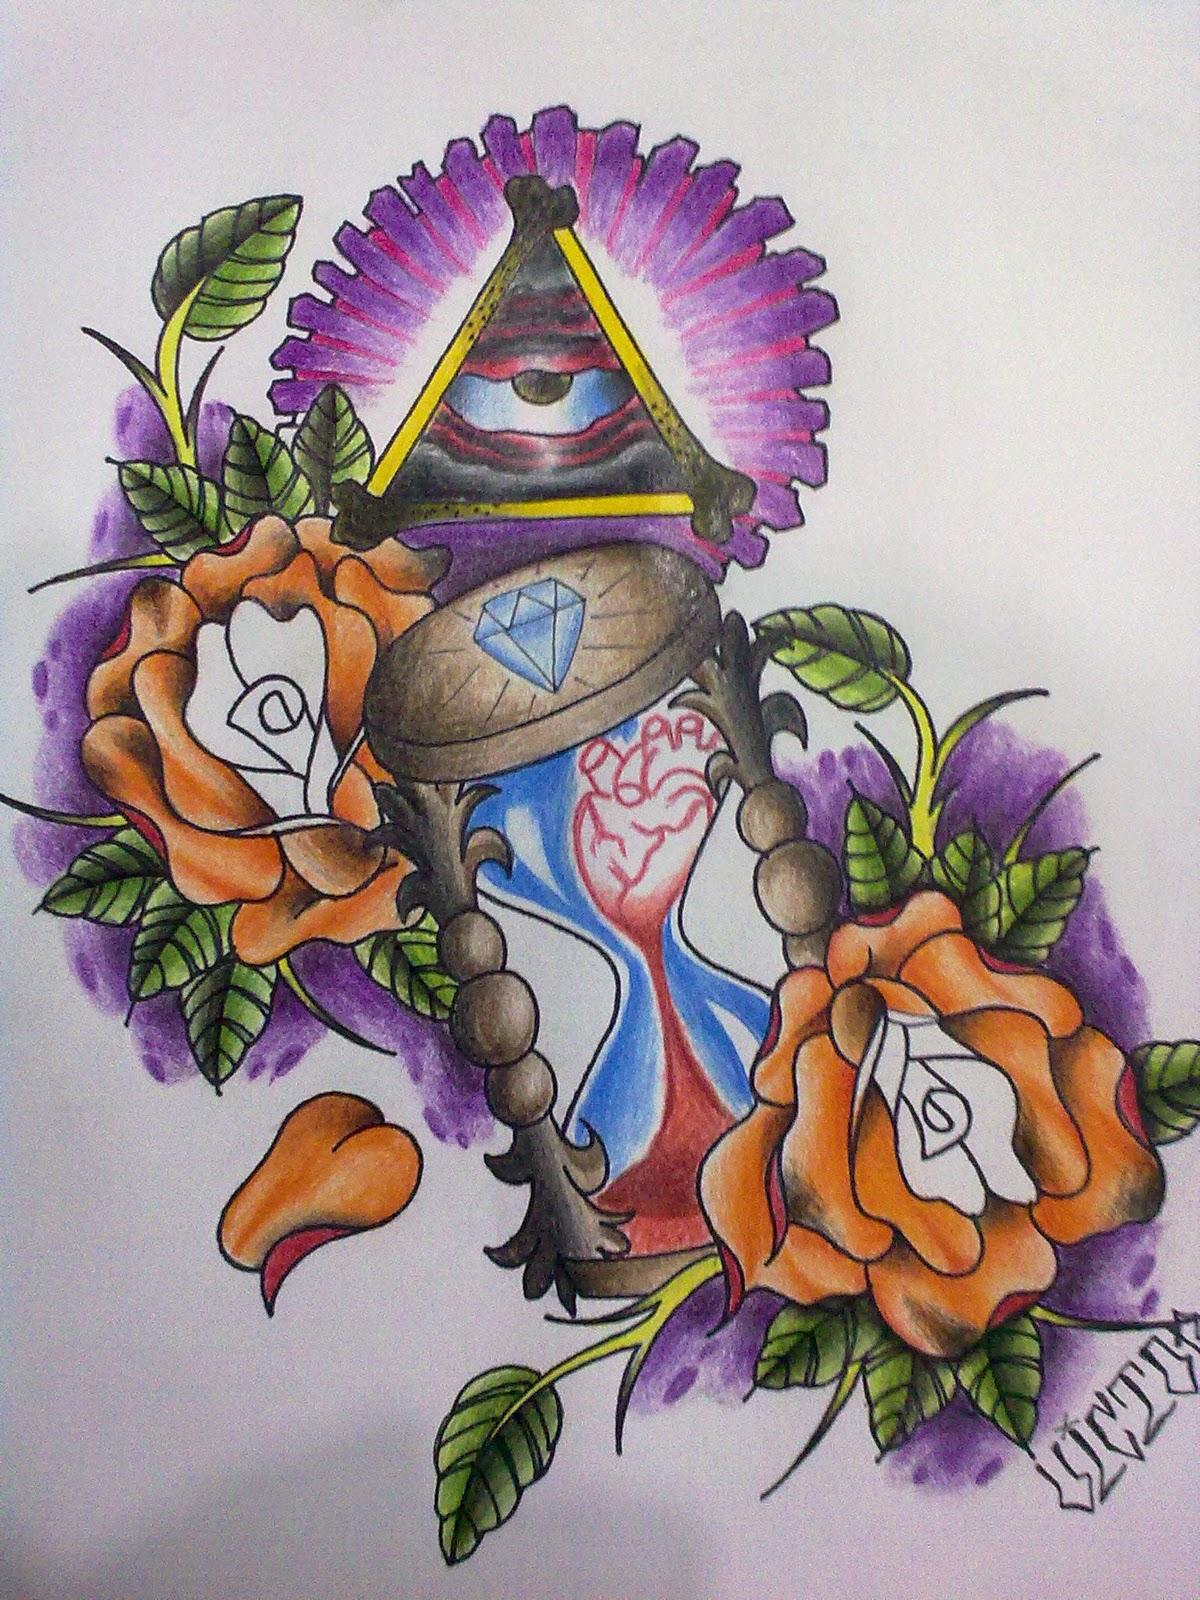 http://2.bp.blogspot.com/_JHxHu0a7_po/TQpr94wnOUI/AAAAAAAAAhc/Wq6nIKspQb0/s1600/flash+vic+reloj.jpg